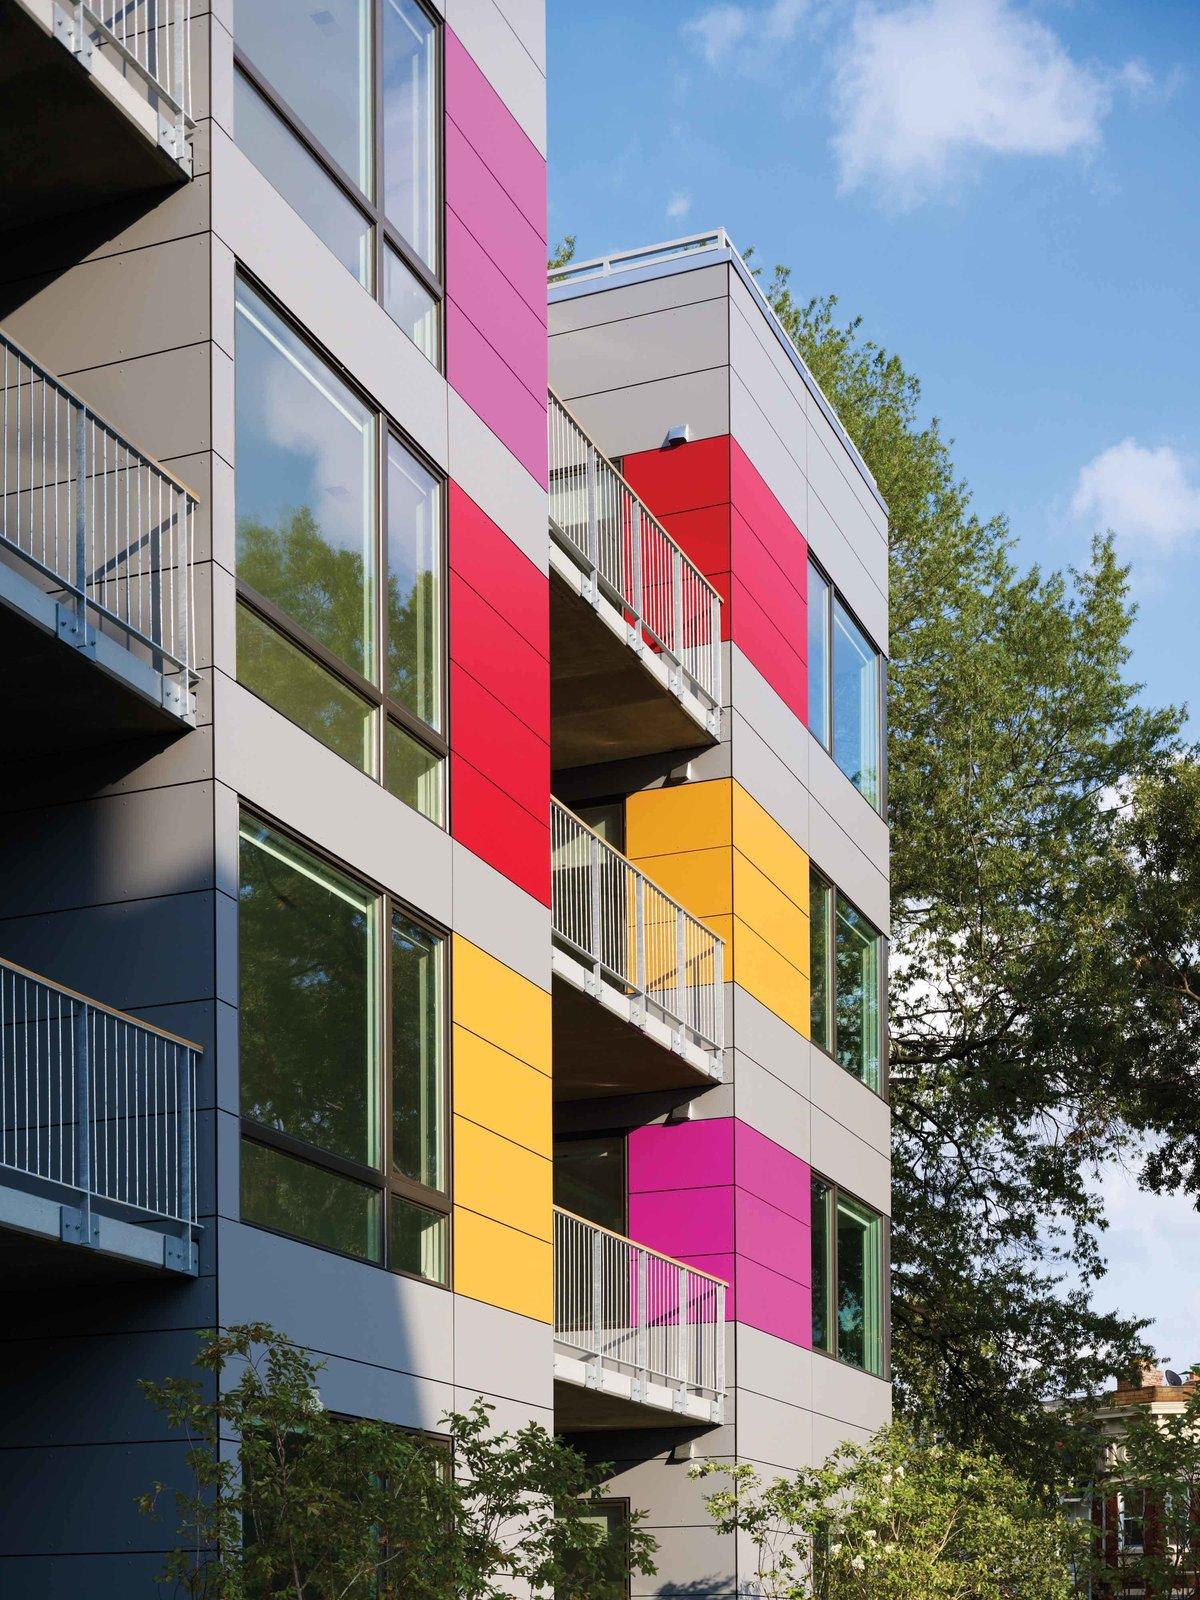 Colorful Trespa rainscreen on west facade